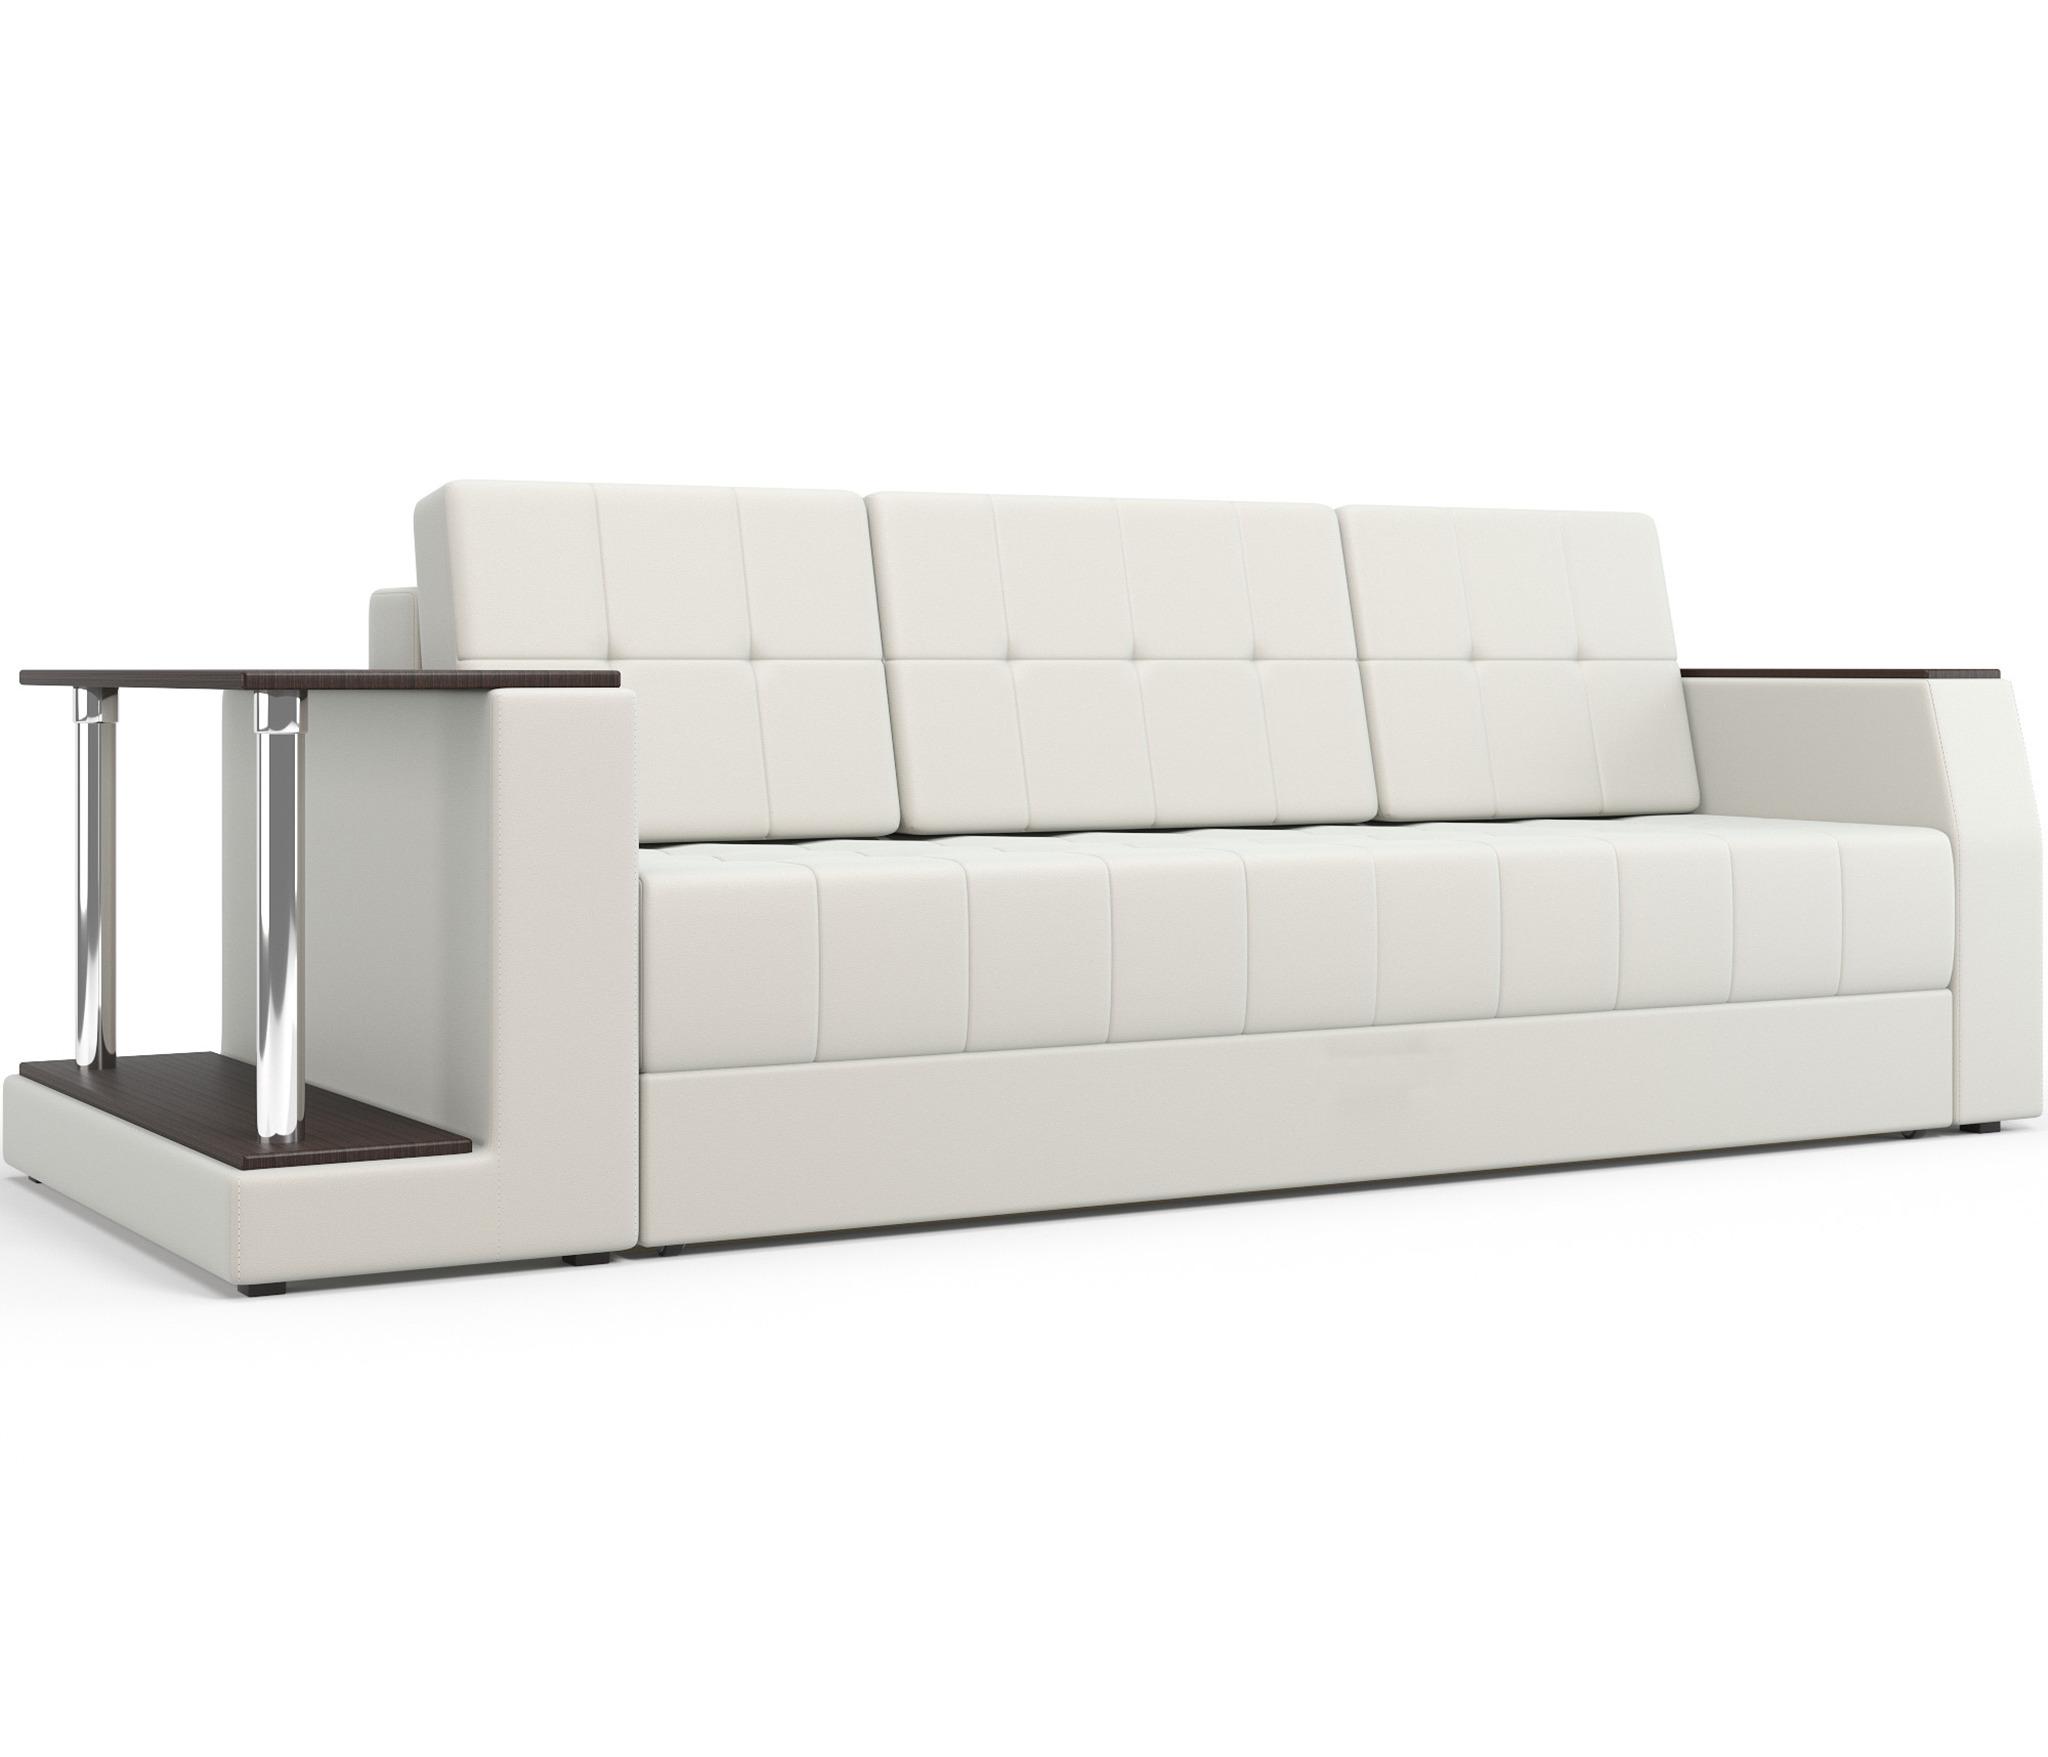 Диван Атлант эко-кожаМягкая мебель<br><br><br>Длина мм: 2540<br>Высота мм: 850<br>Глубина мм: 1010